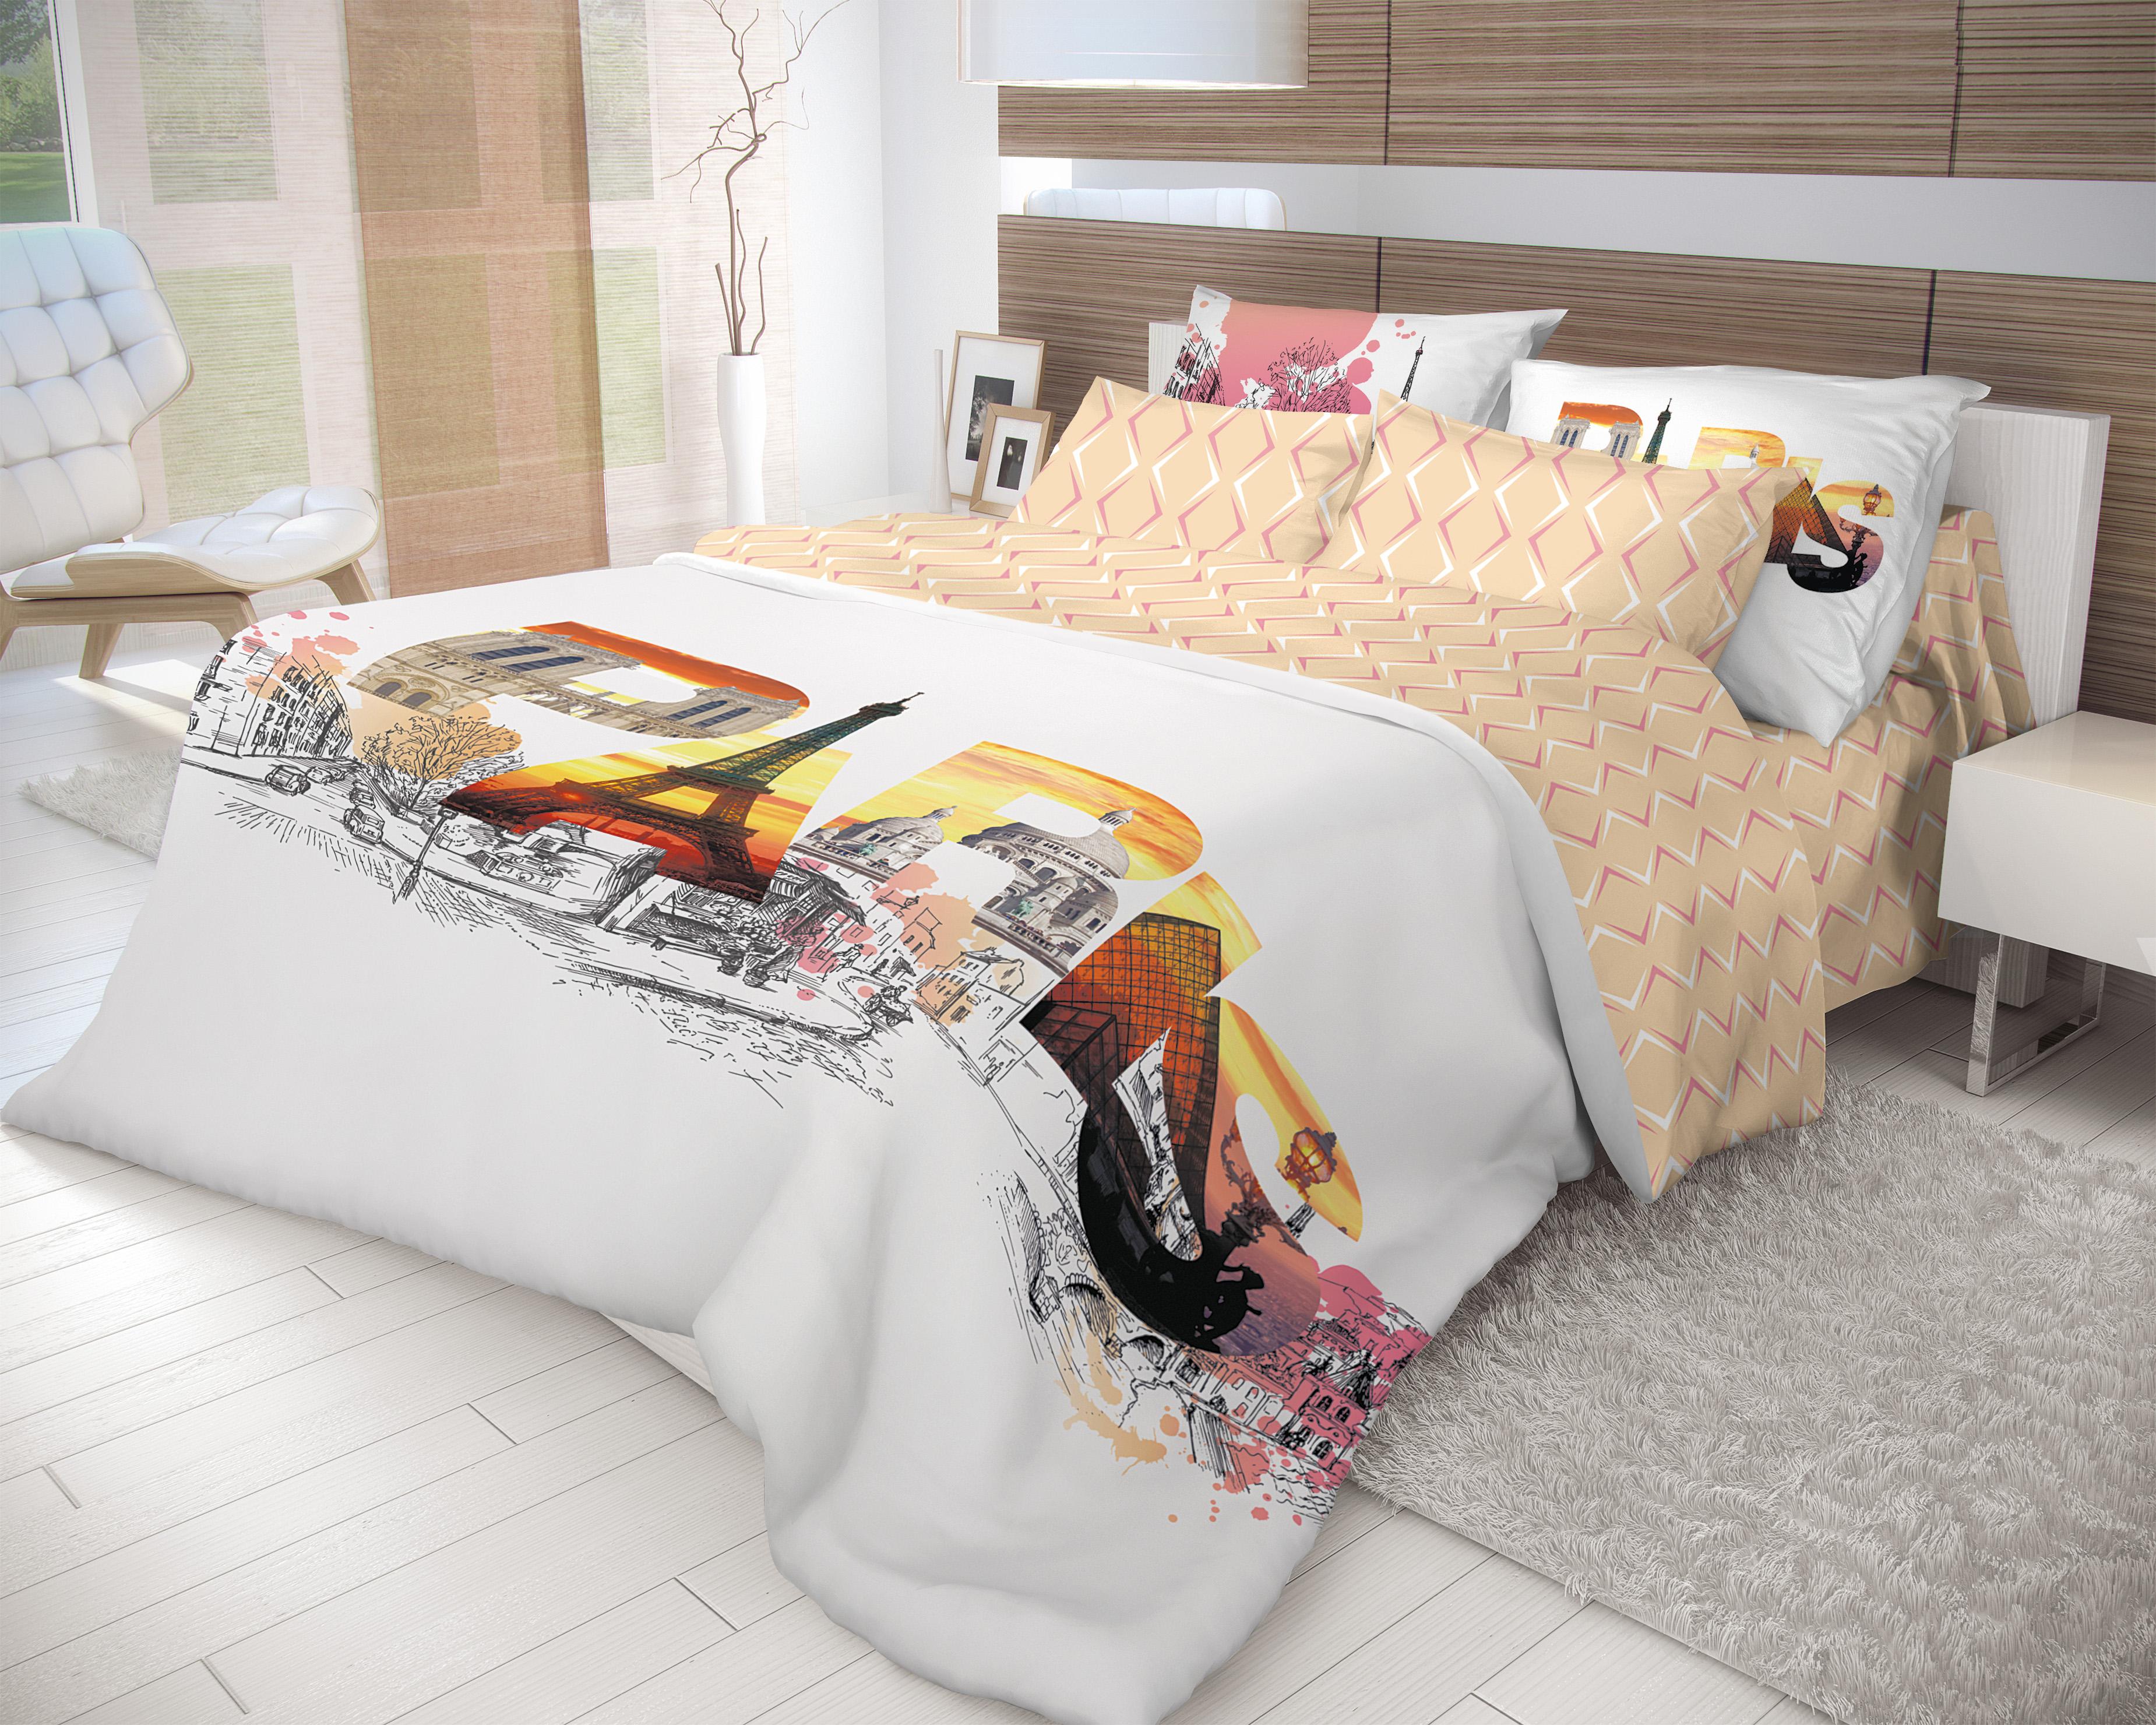 Комплект постельного белья Волшебная ночь Paris 2.0 спКомплект постельного белья Paris станет неповторимой изюминкой Вашей спальни. Артикул К001066